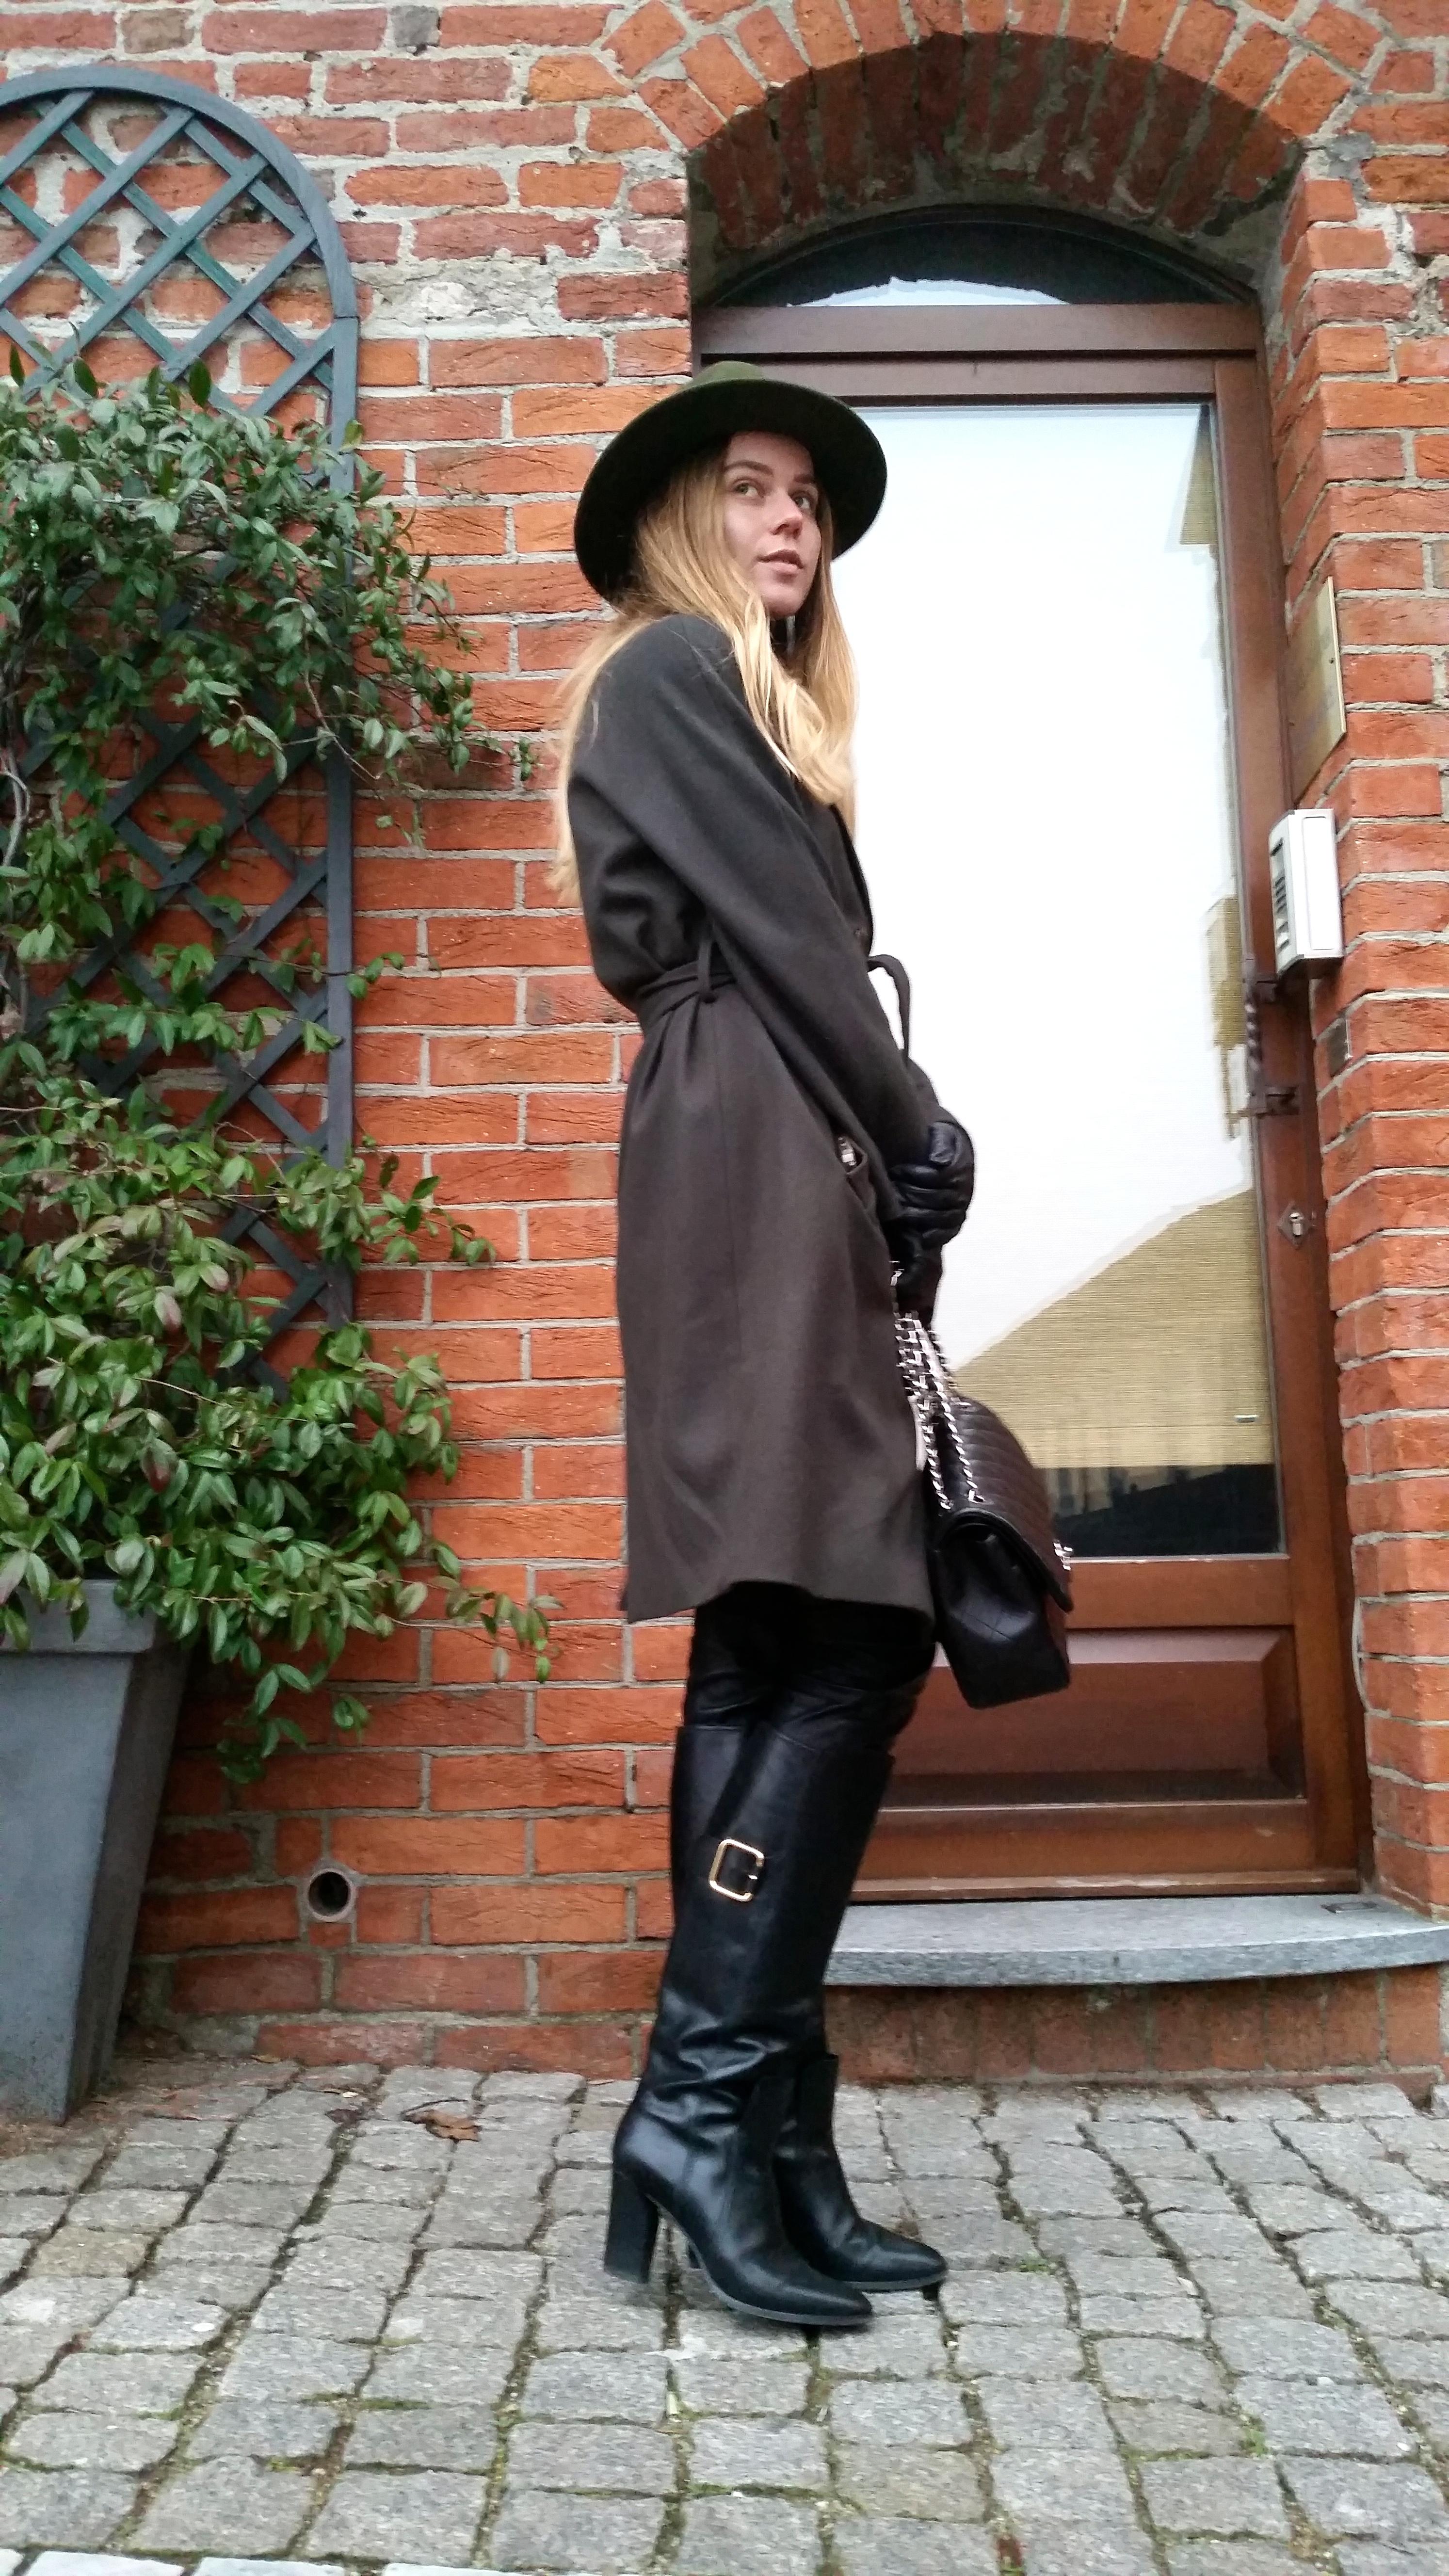 svetlana shashkova being Italian in double breast khaki coat